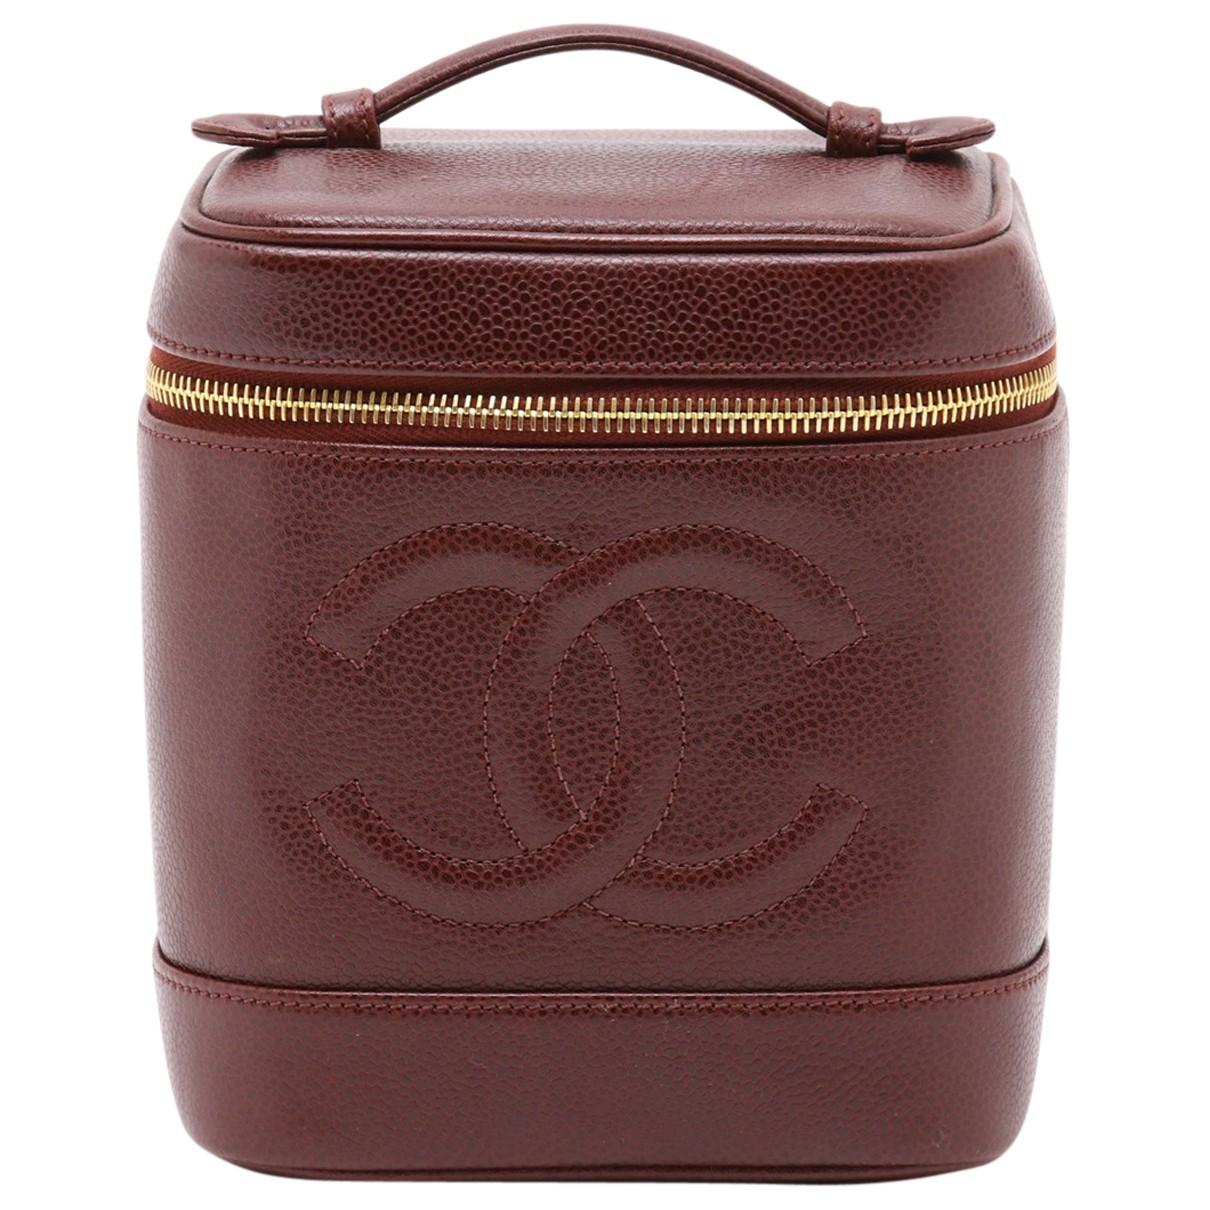 Chanel - Petite maroquinerie   pour femme en cuir